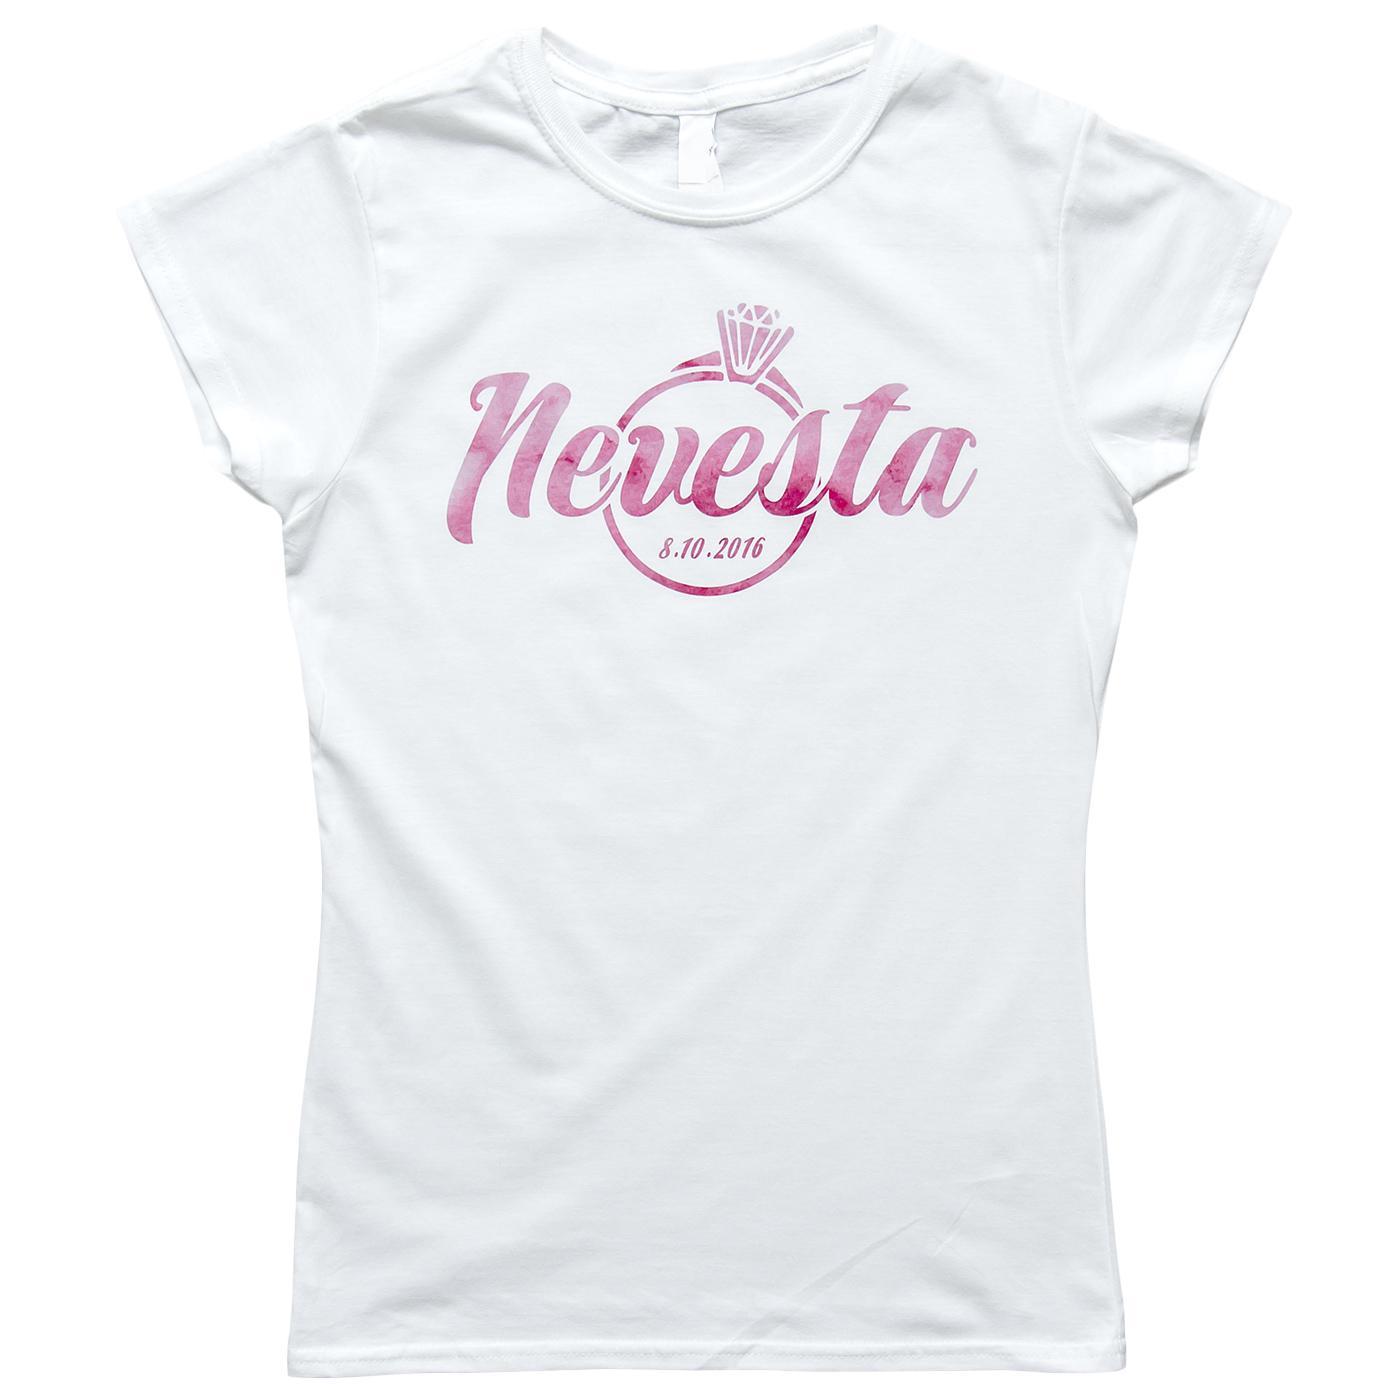 Nevestička a Ženích ♥ - trička na želanie podľa vlastných predstáv - Nevesta s prstienkom a dátumom svadby